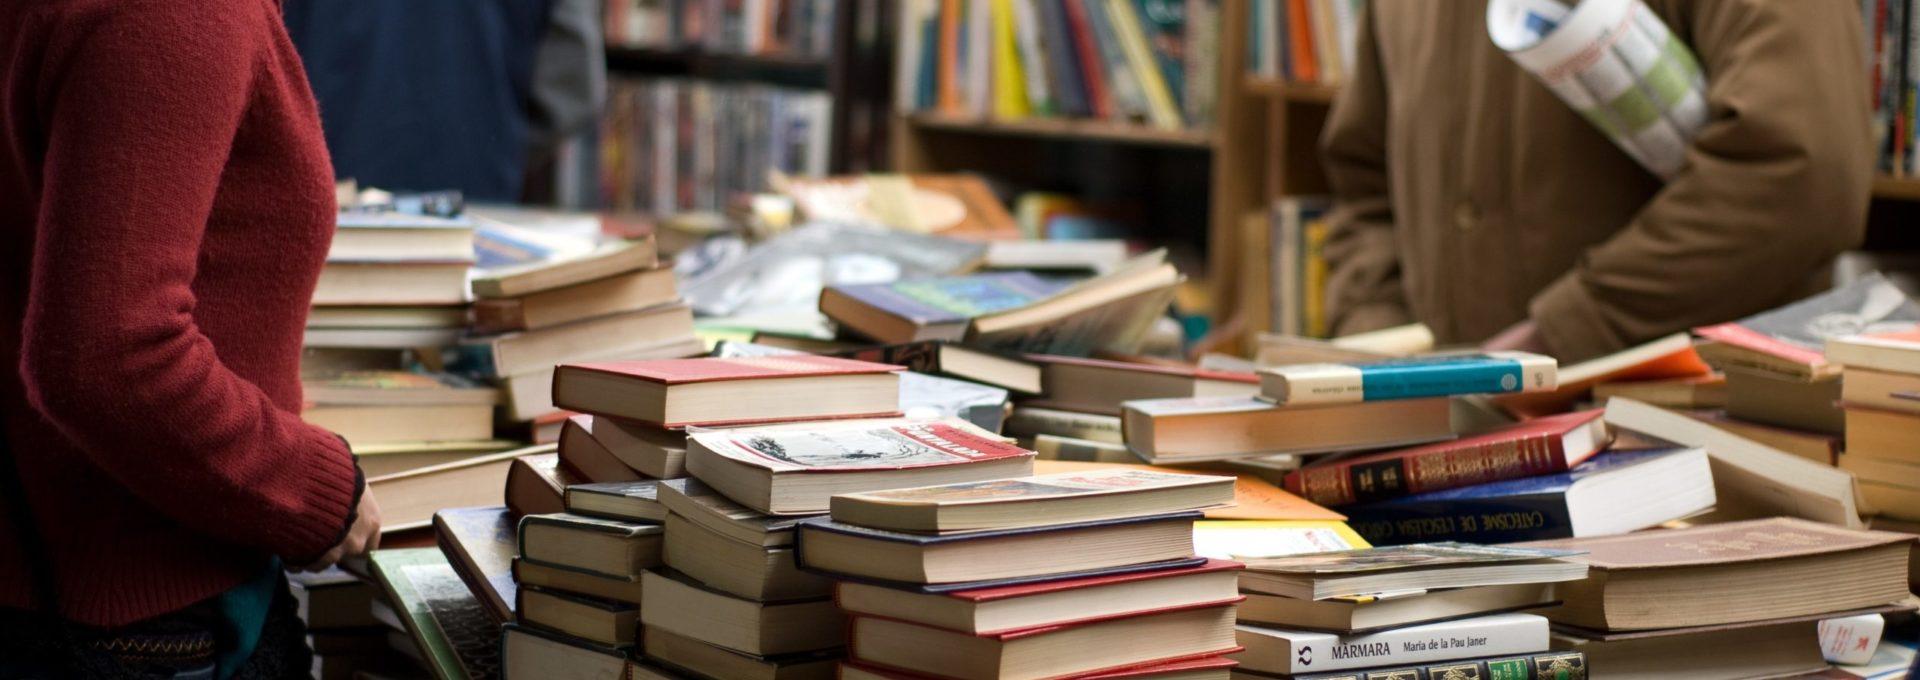 Photo: Deux personnes chinent des piles de livres posés sur une table dans une bibliothèque.